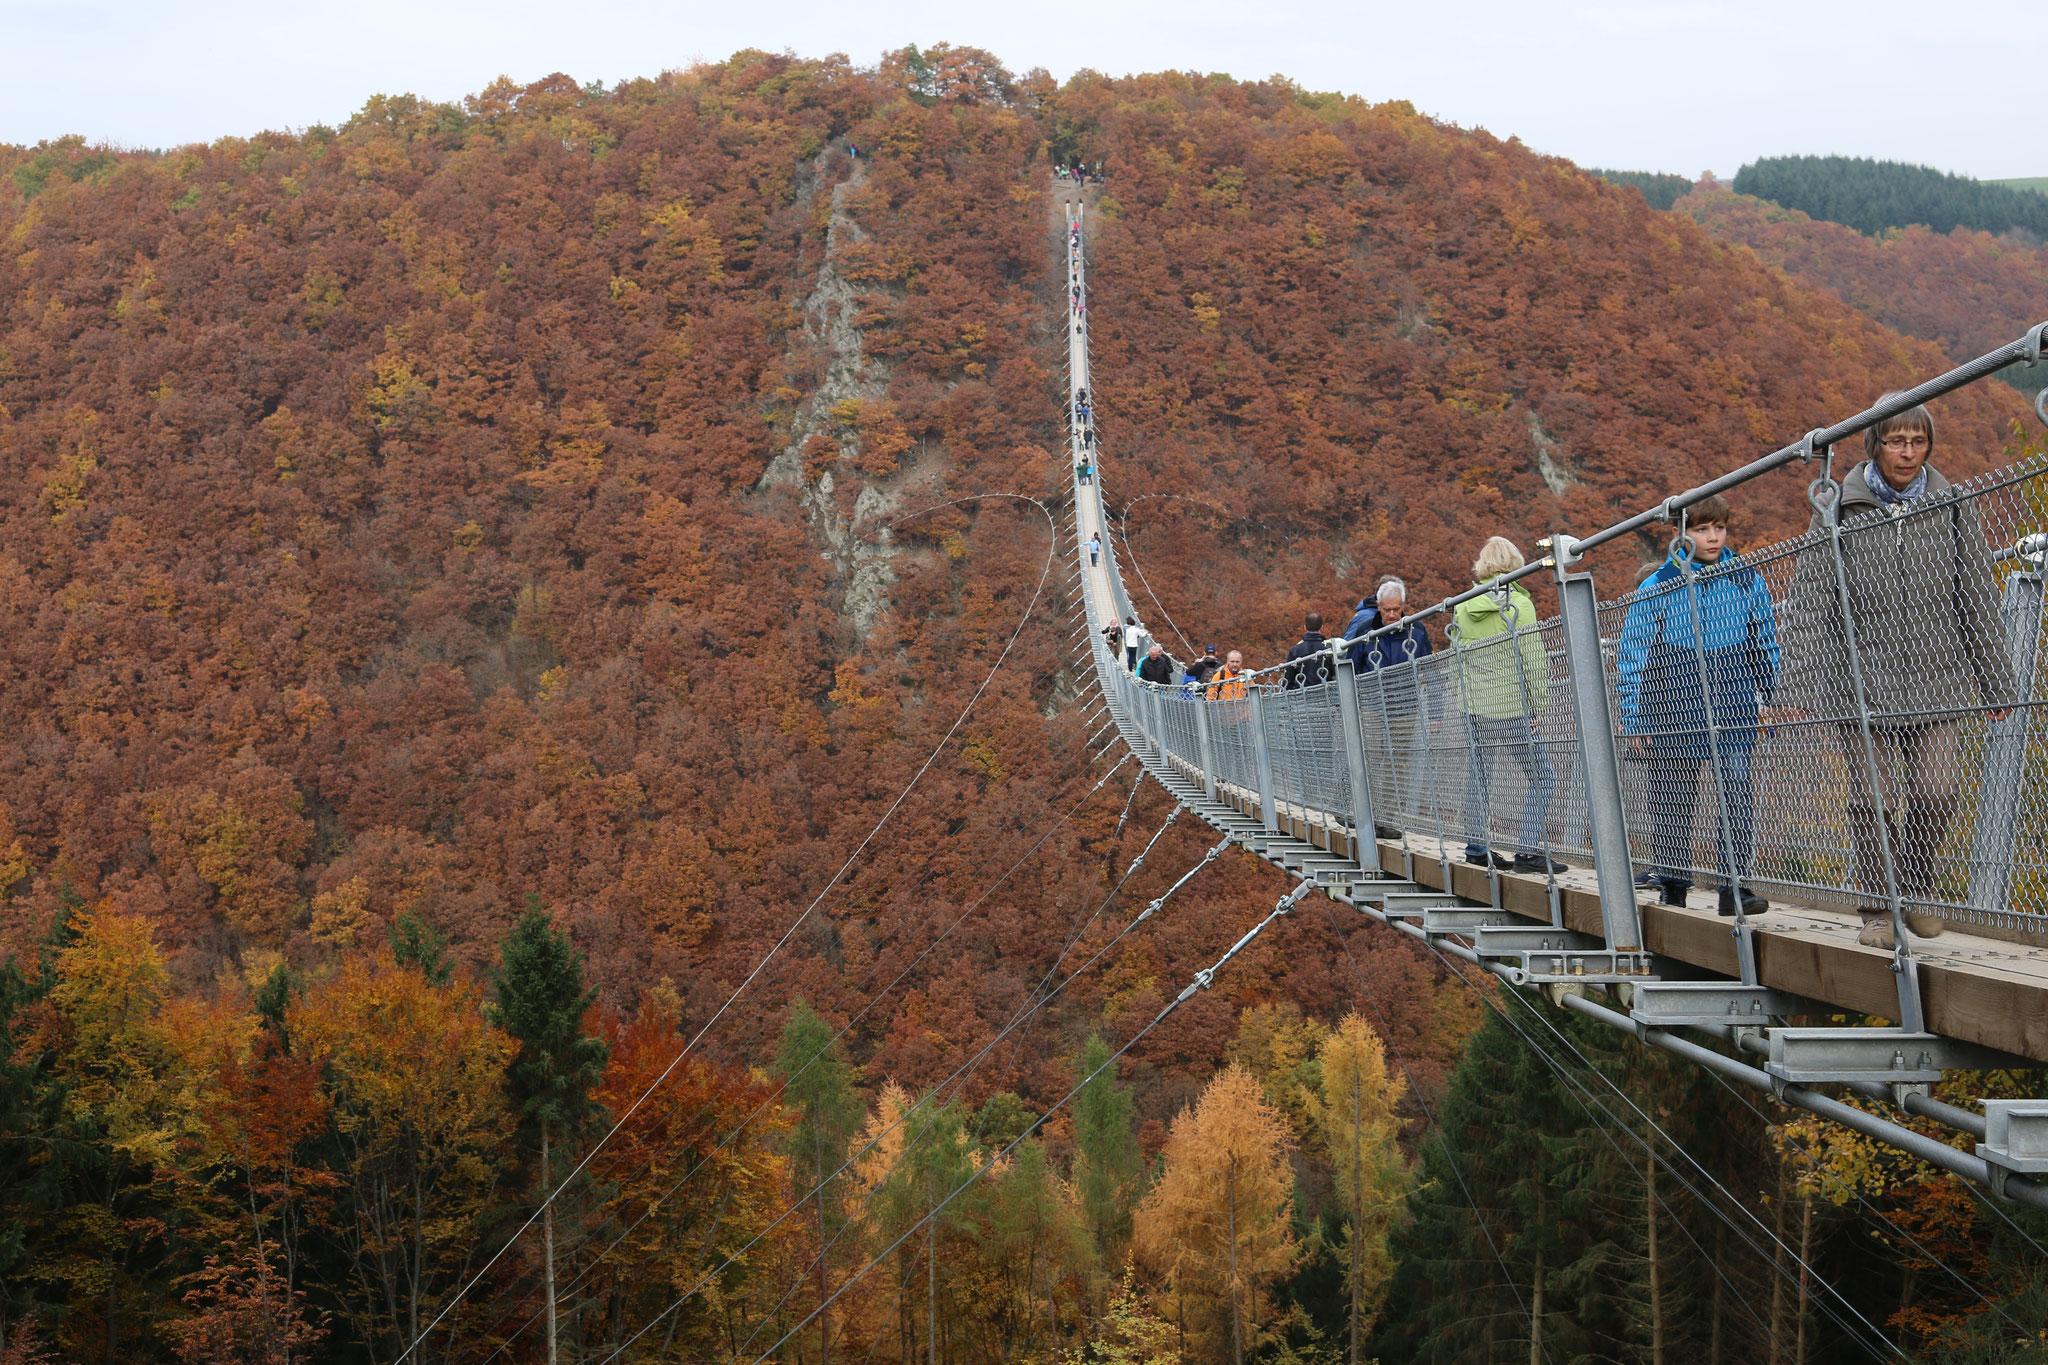 Mit 360 m Länge einer der längsten BrückenHängeseilbrücken Deuschlands